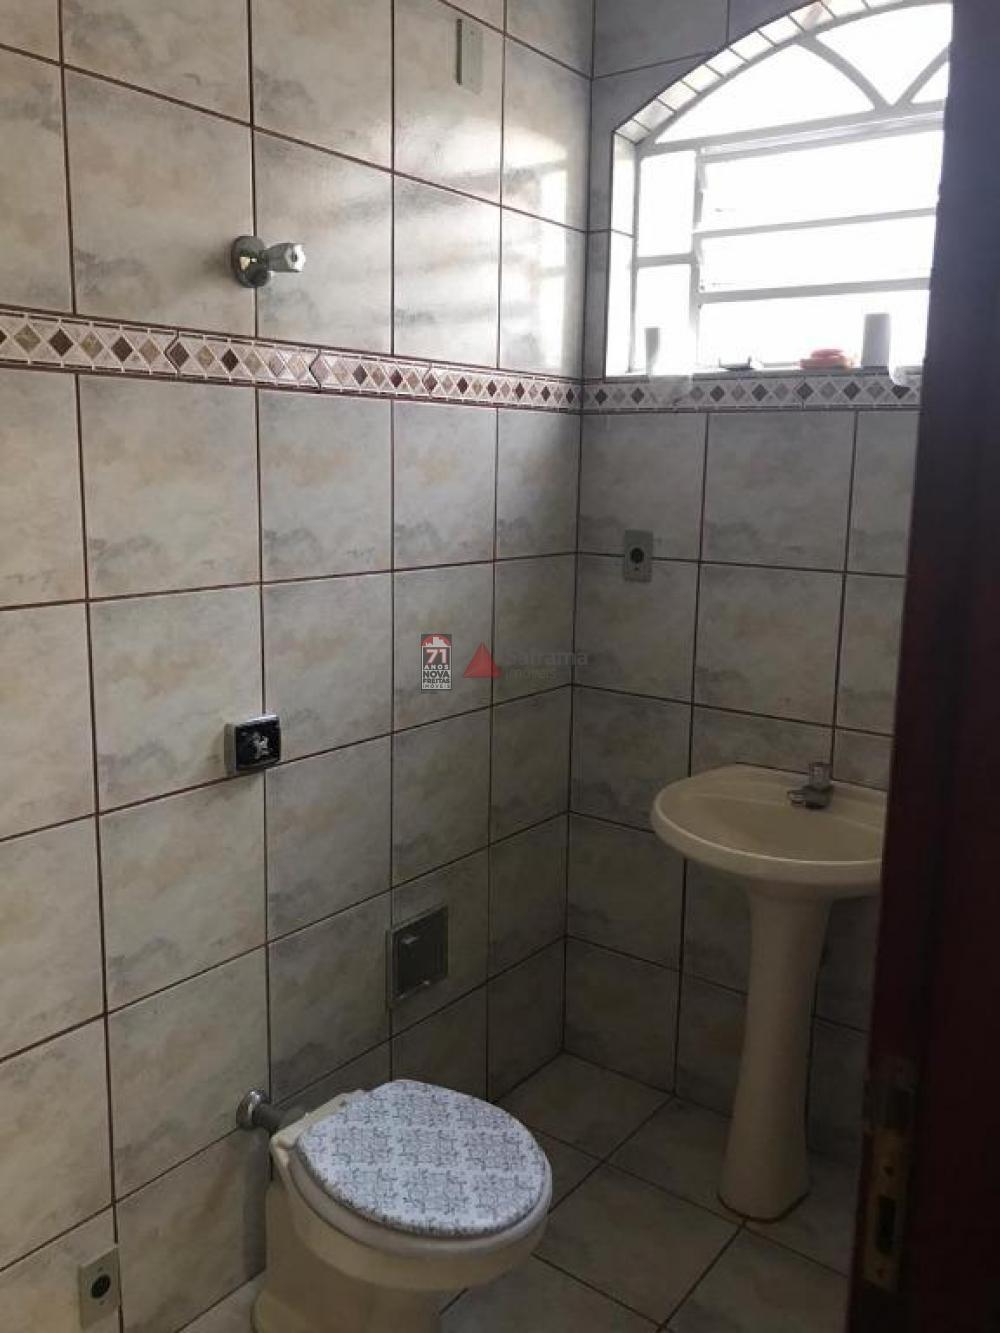 Alugar Comercial / Ponto Comercial em São José dos Campos apenas R$ 1.300,00 - Foto 9